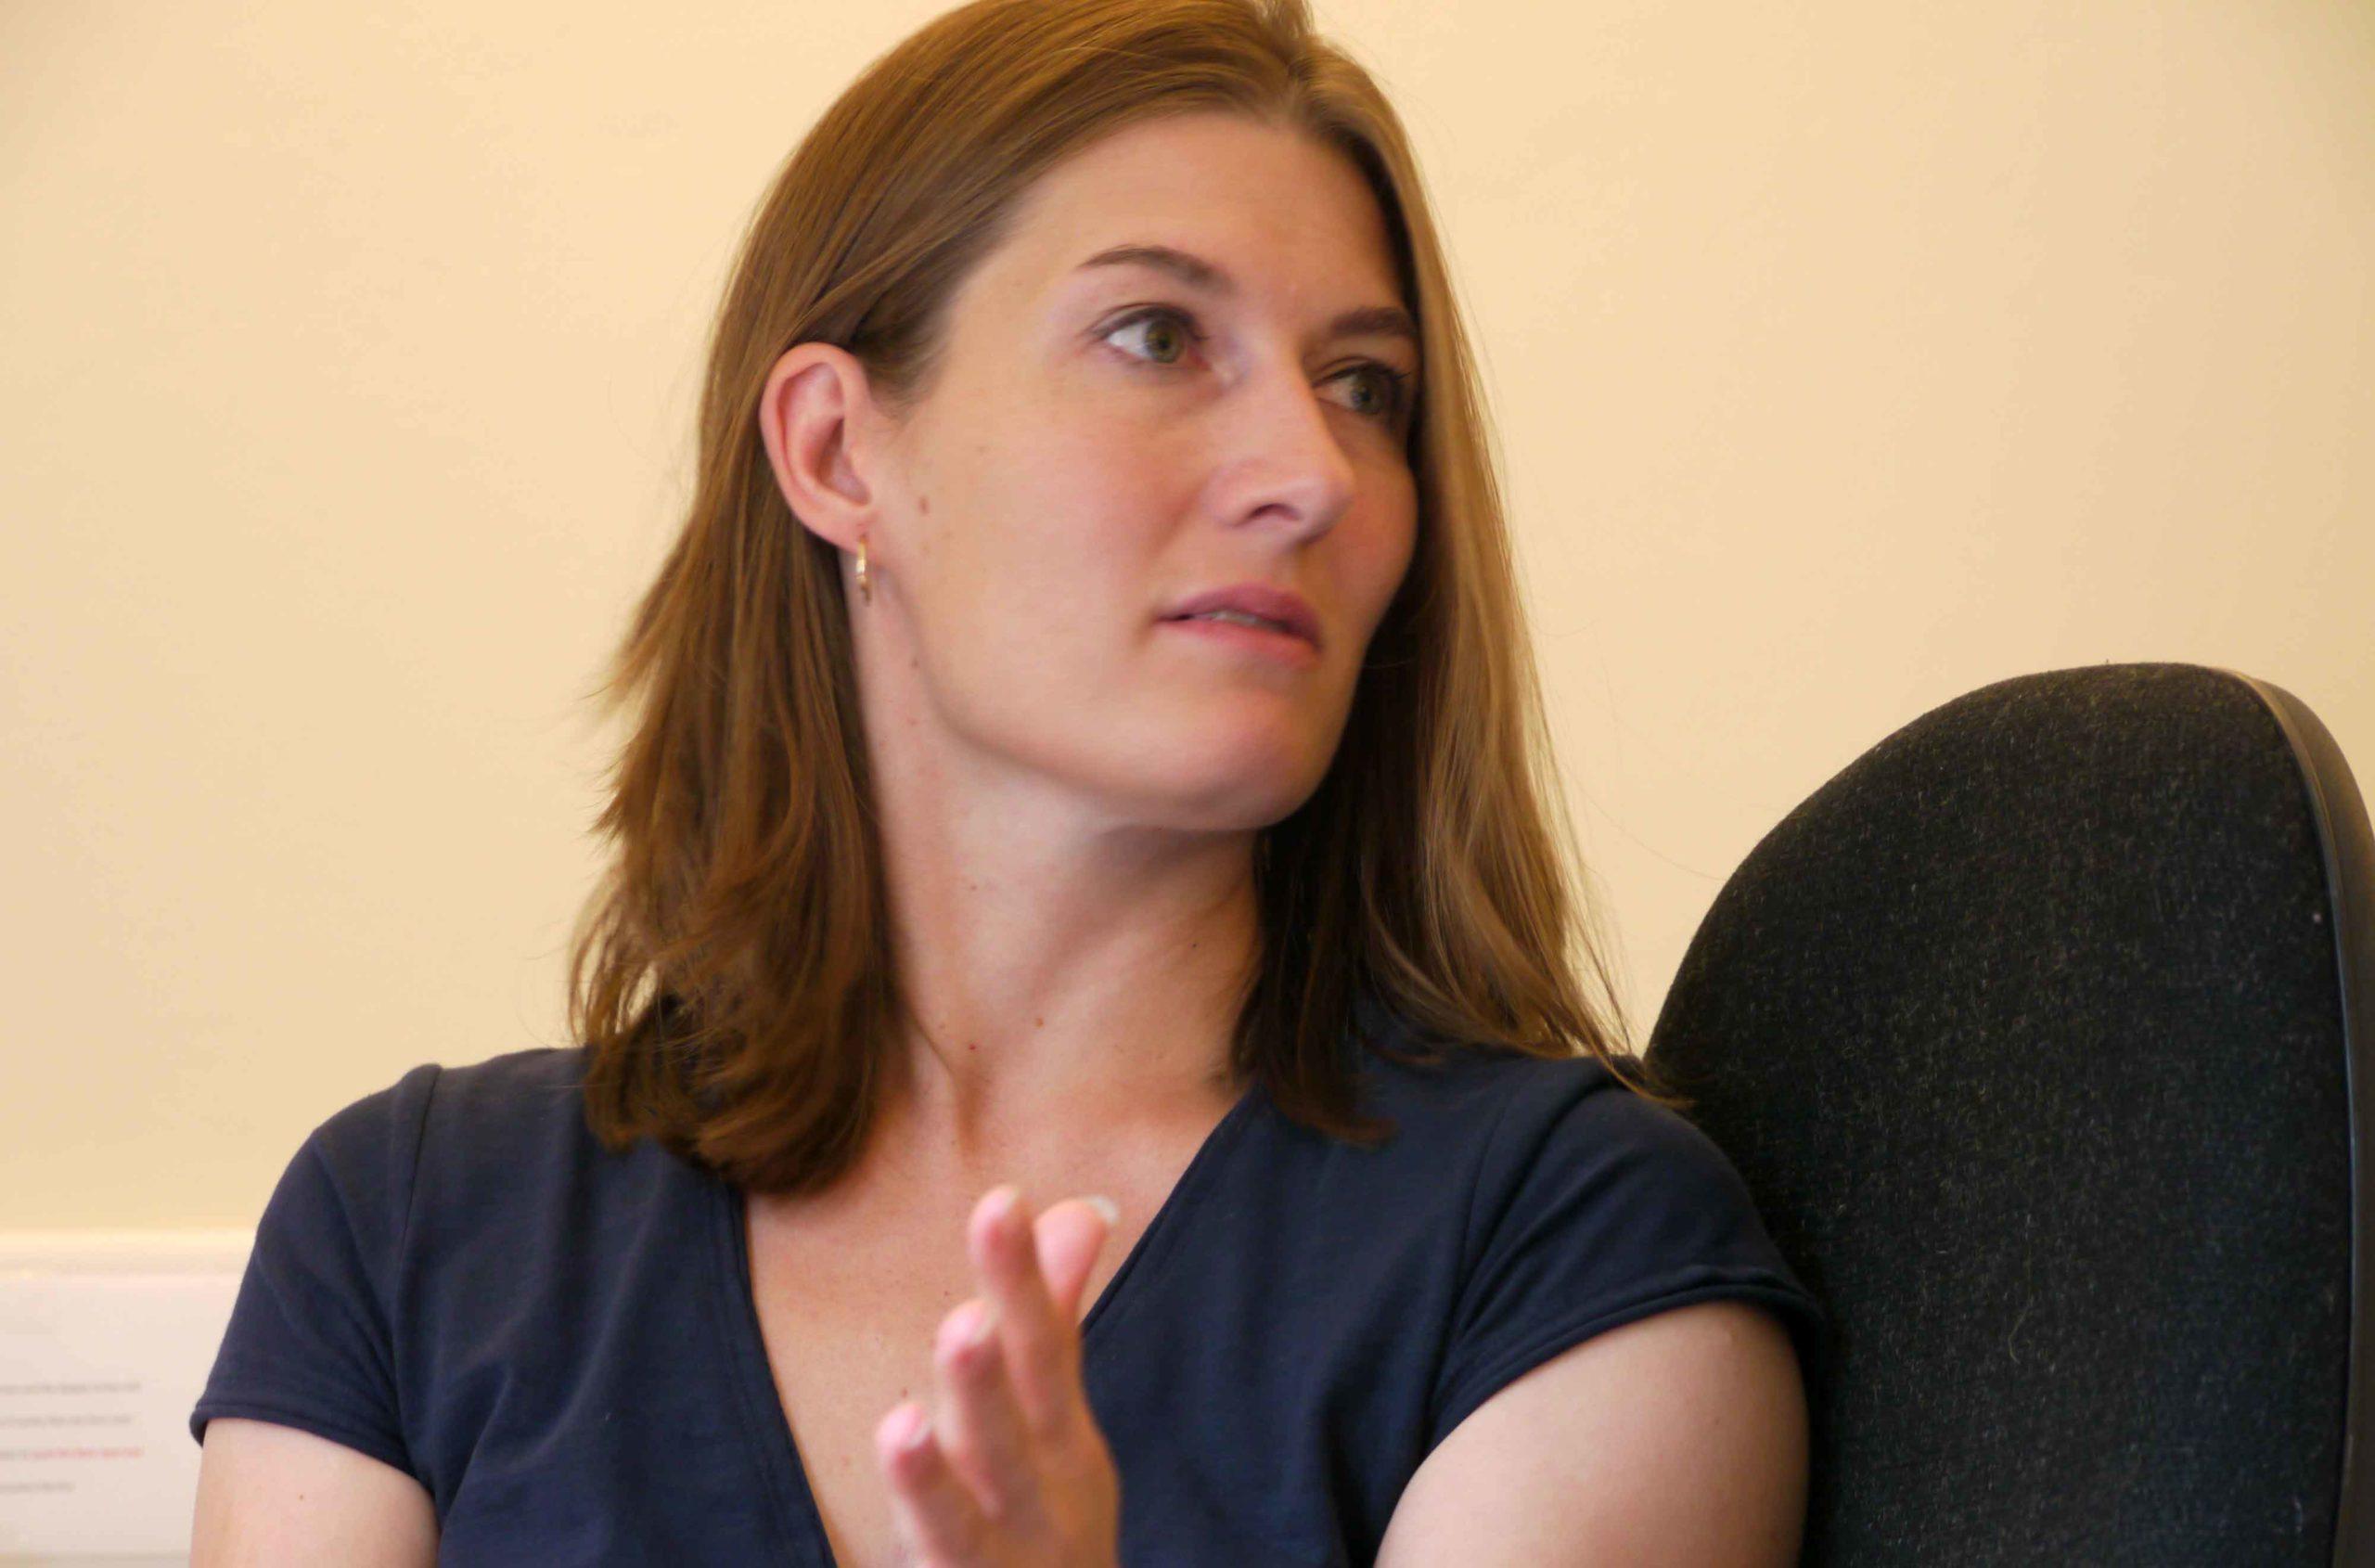 Melanie O'Brien